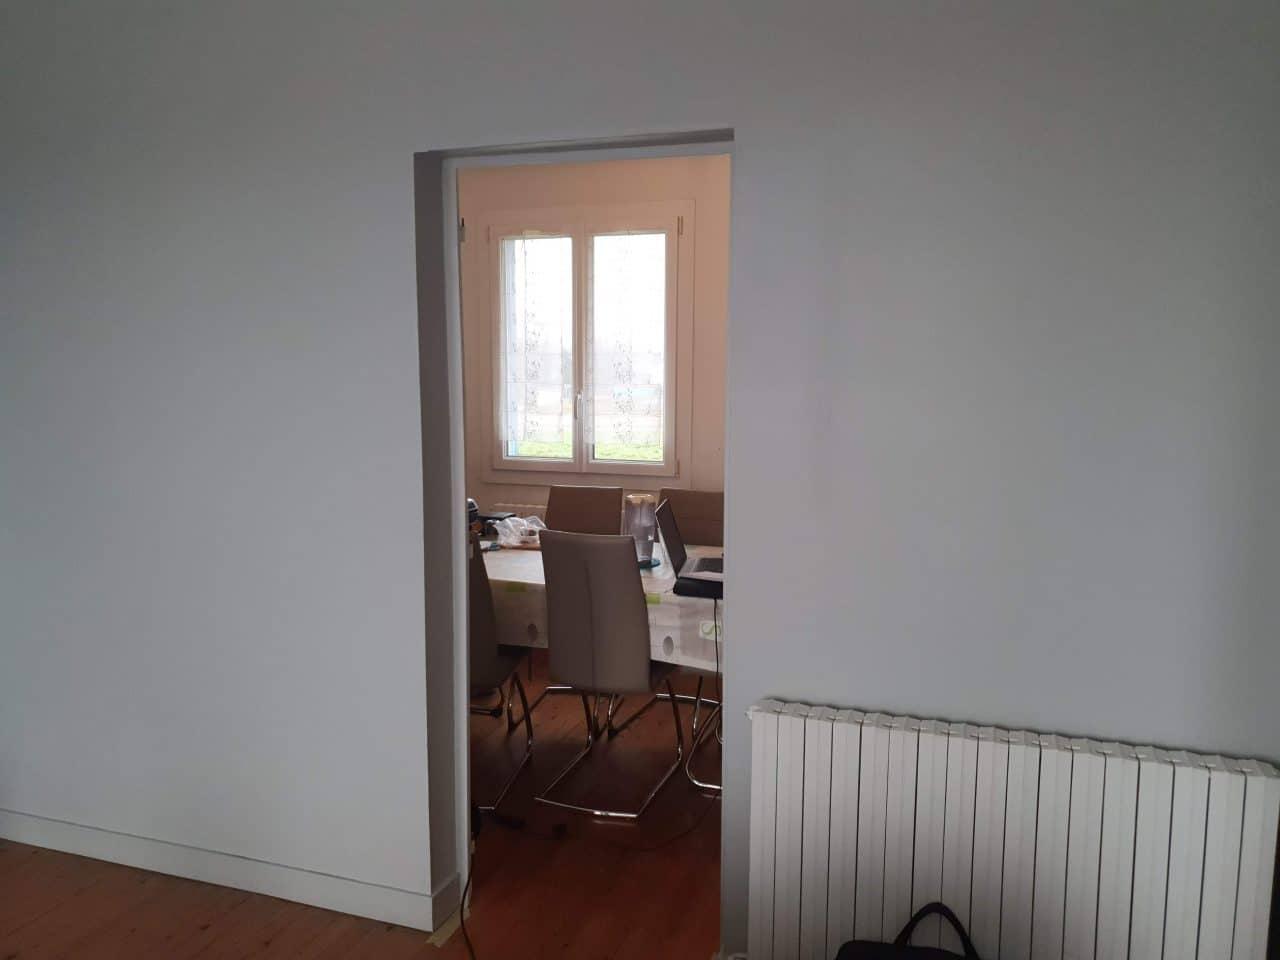 rénovation d'intérieur à Saint-Sulpice-de-Cognac - mur avant travaux